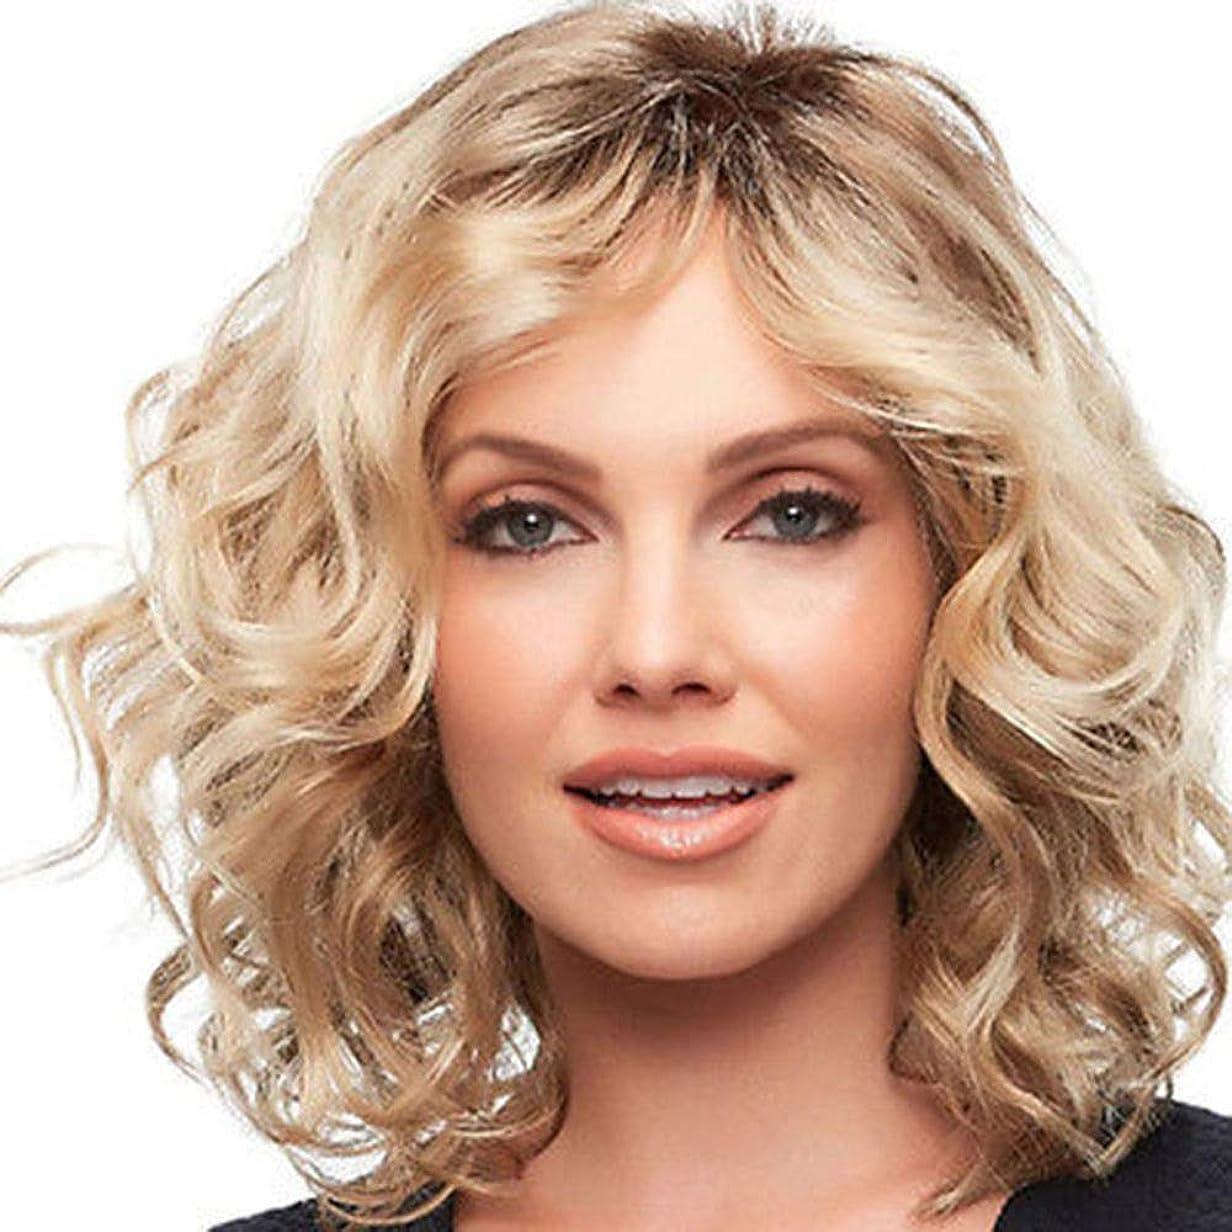 写真トースト昼寝Yrattary 女性のブロンドの短い巻き毛のふわふわのかつらヘアスタイリングミドルパートウィッグ女性の合成のかつらレースのかつらロールプレイングかつら (色 : Blonde)